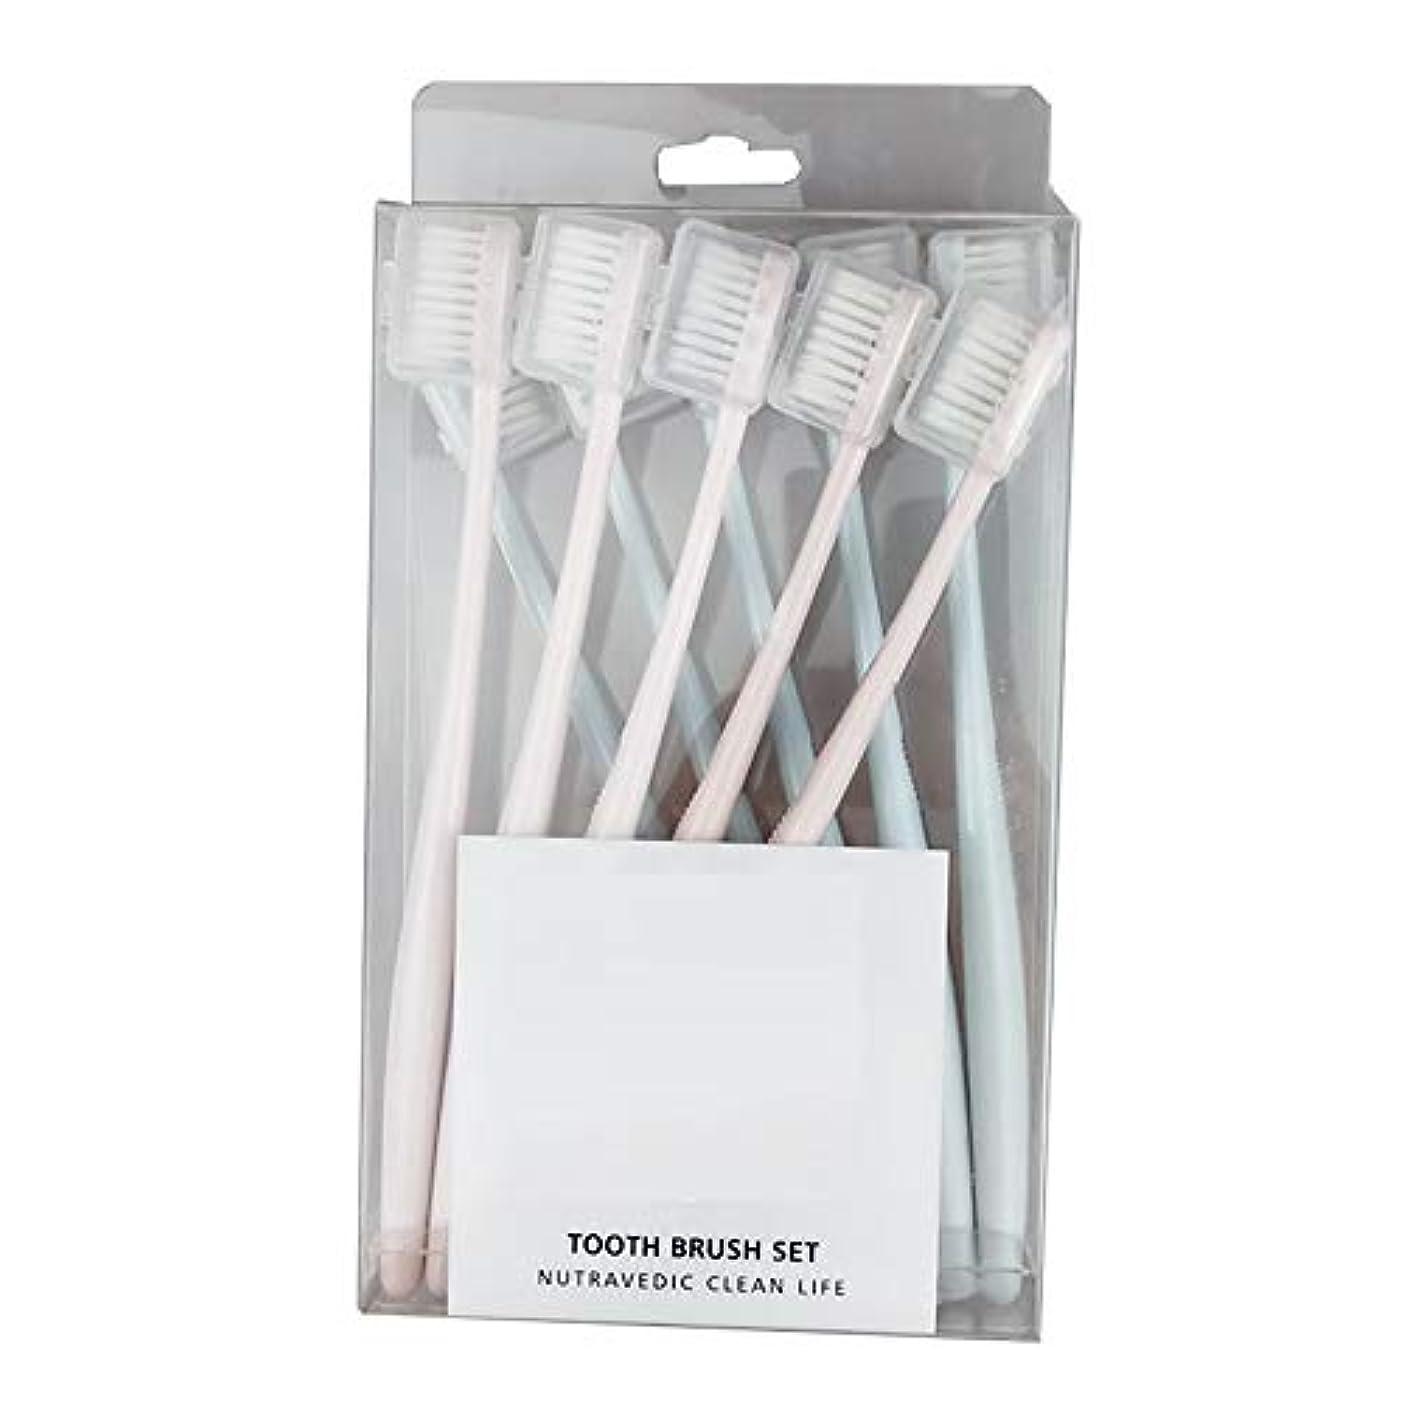 生態学ワイヤー取得歯ブラシ 竹炭歯ブラシ、アダルトソフト歯ブラシ、活性炭ホワイトニング - 使用できるスタイルの3種類 KHL (サイズ : A - 10 packs)